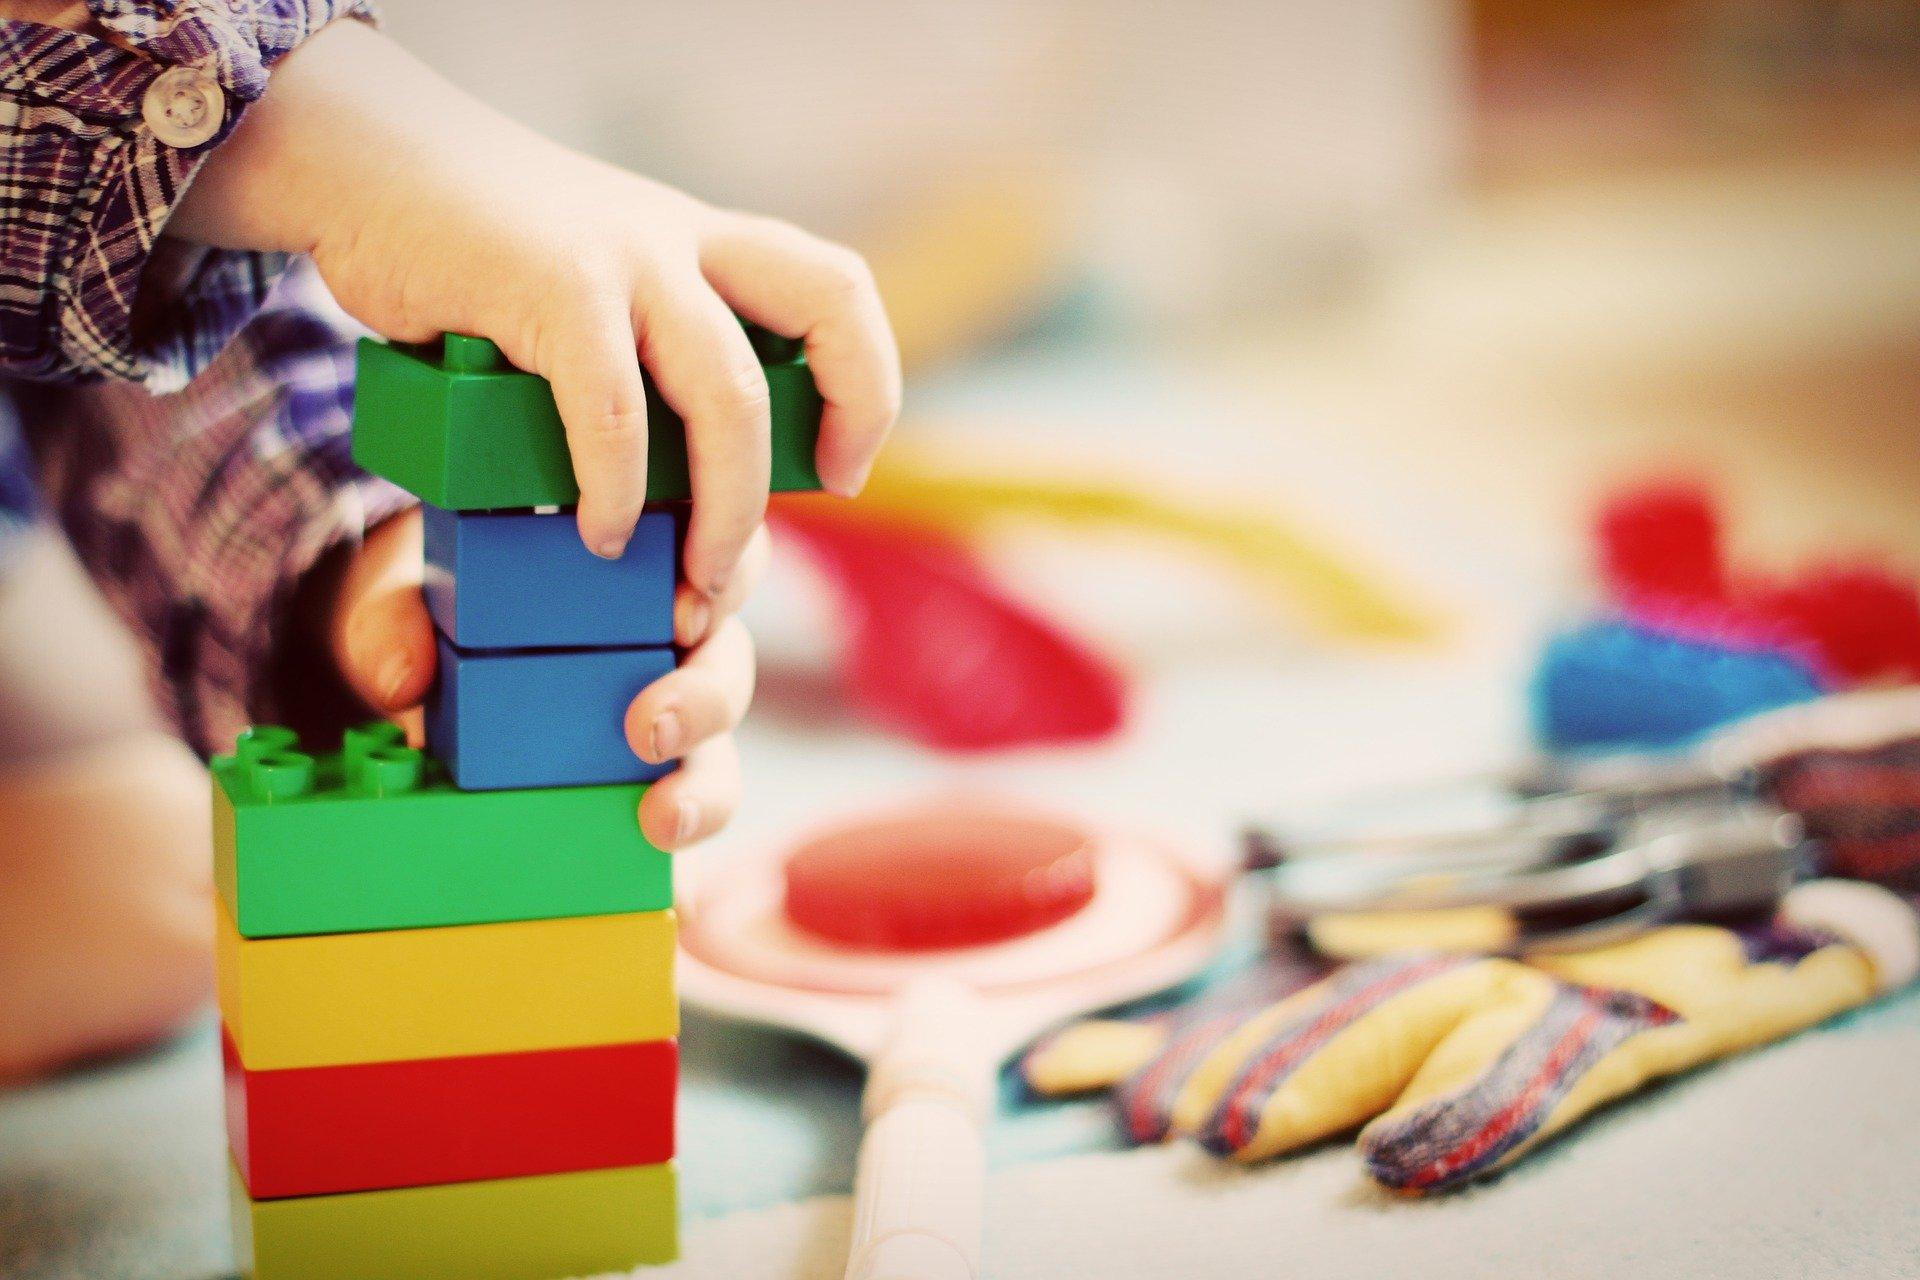 Помощь детям: благотворительную акцию организовали в районе Царицыно